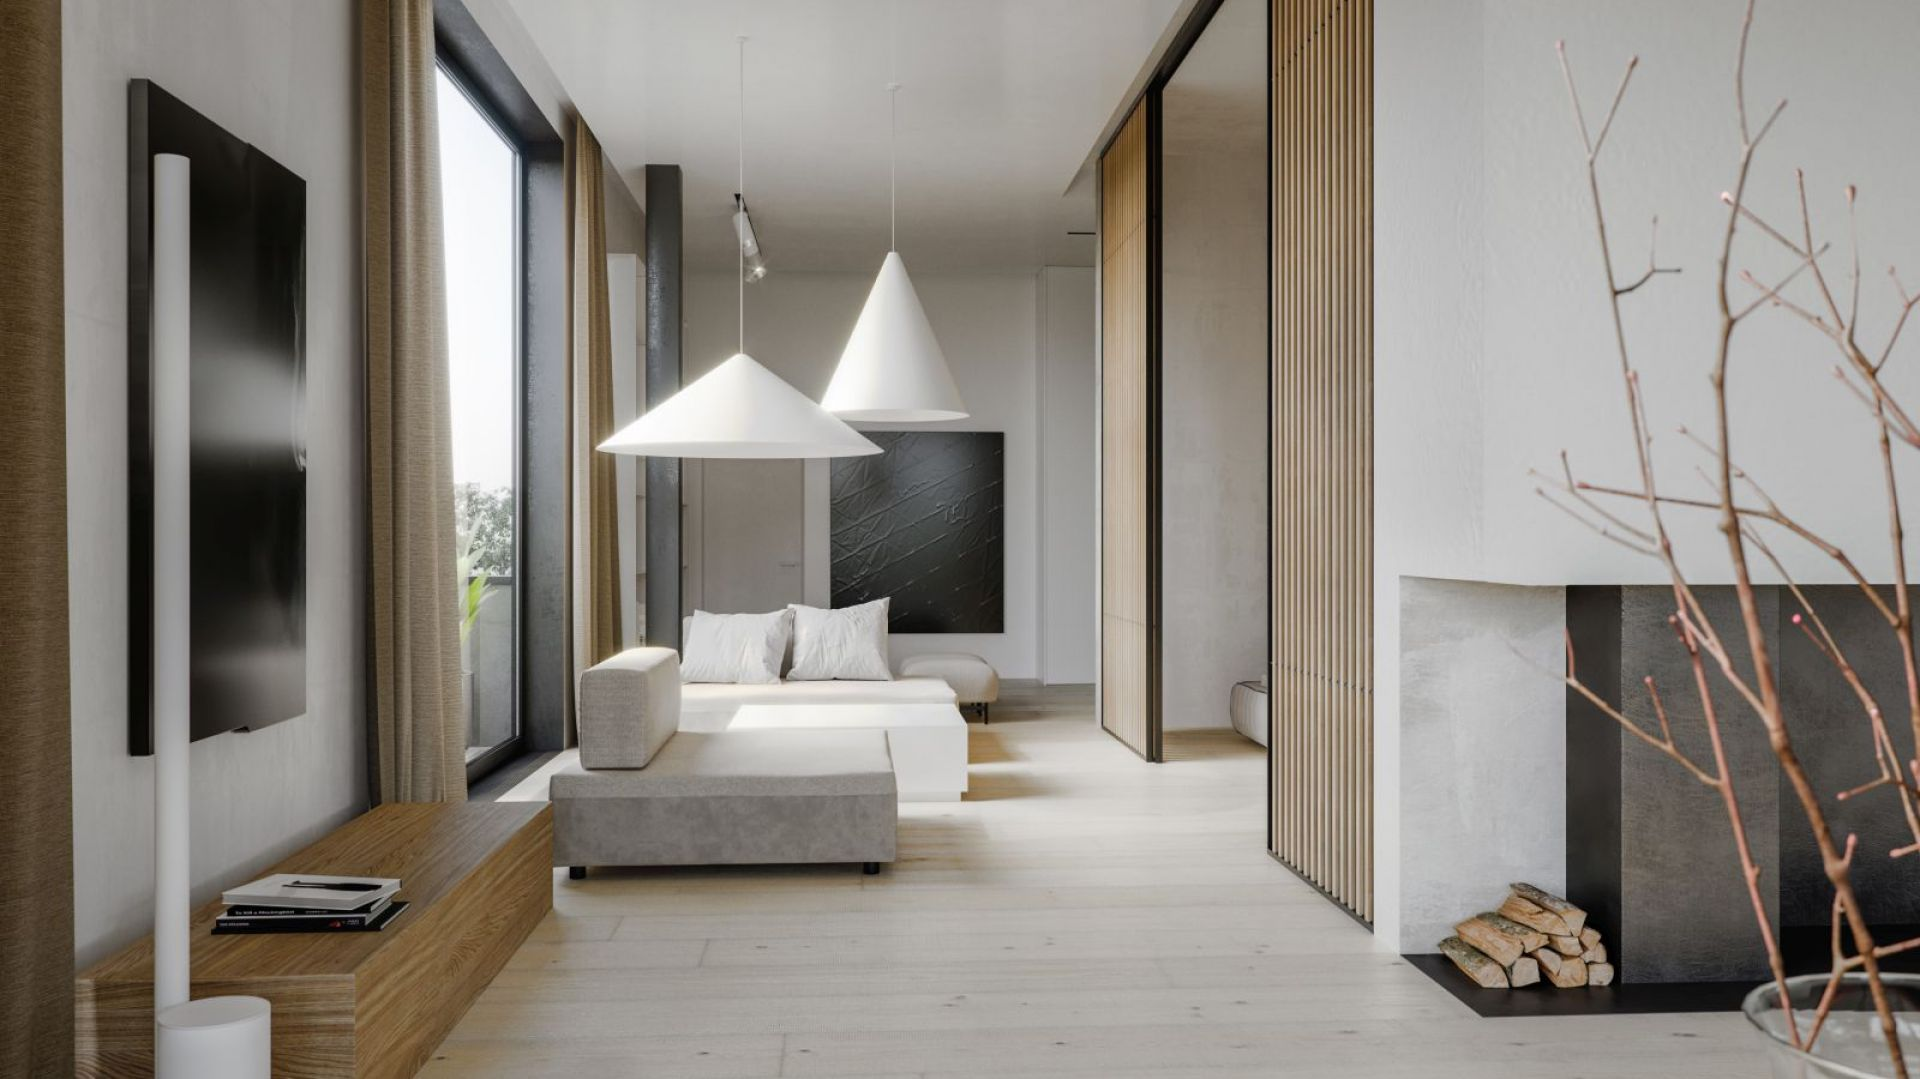 Minimalistyczny styl - architektura w japońskim stylu . Projekt: Aga Kobus, Grzegorz Goworek. Fot. Studio.O.